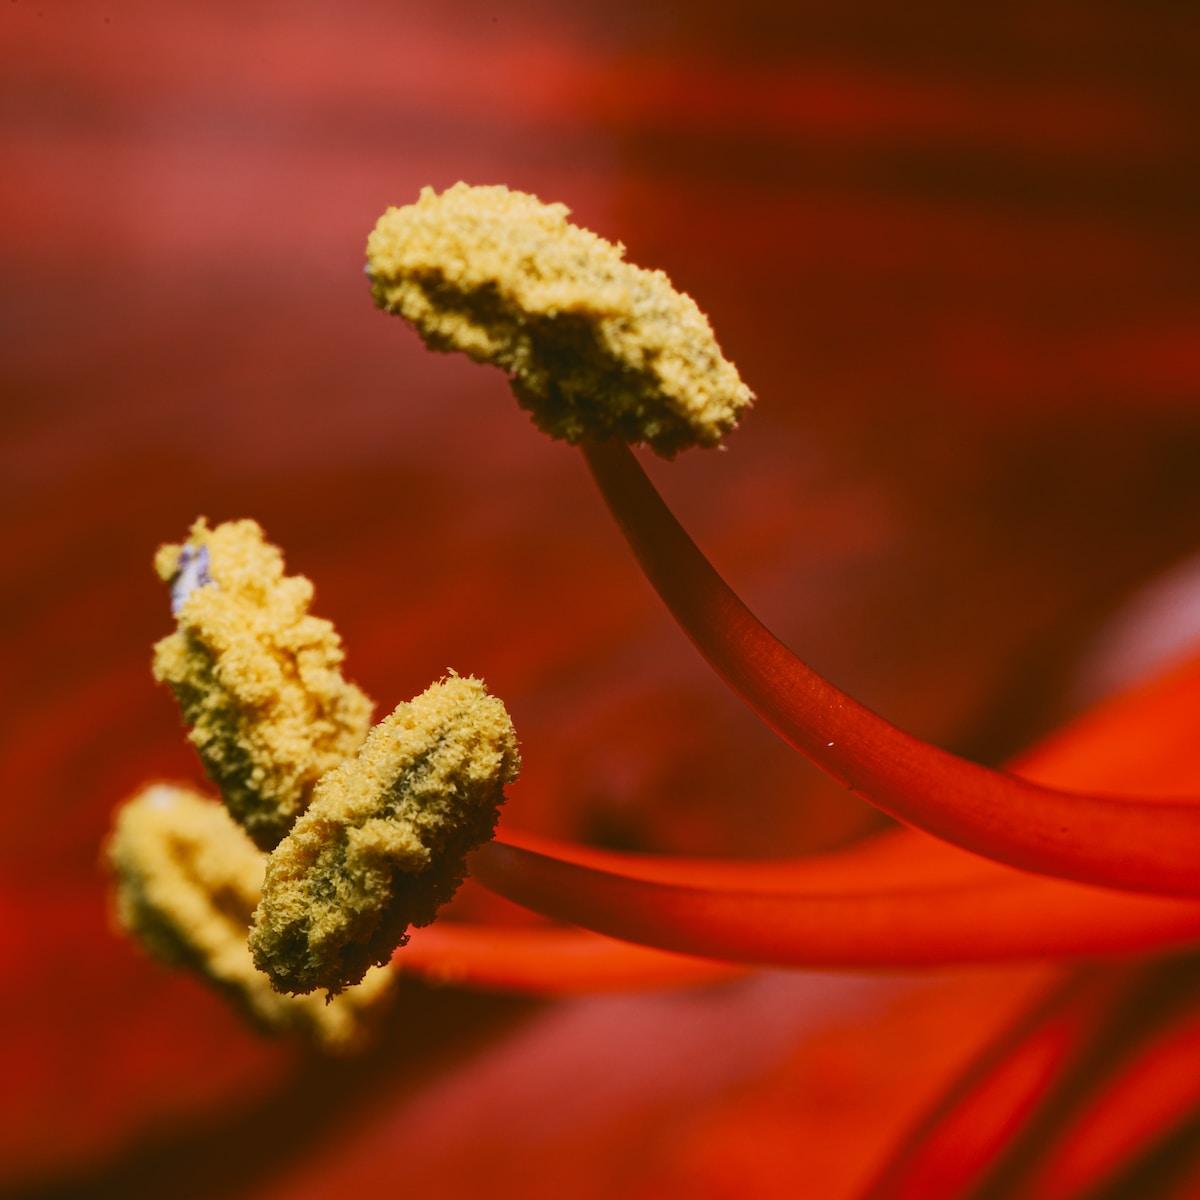 dolor de vejiga crónico, brown plant in macro lens